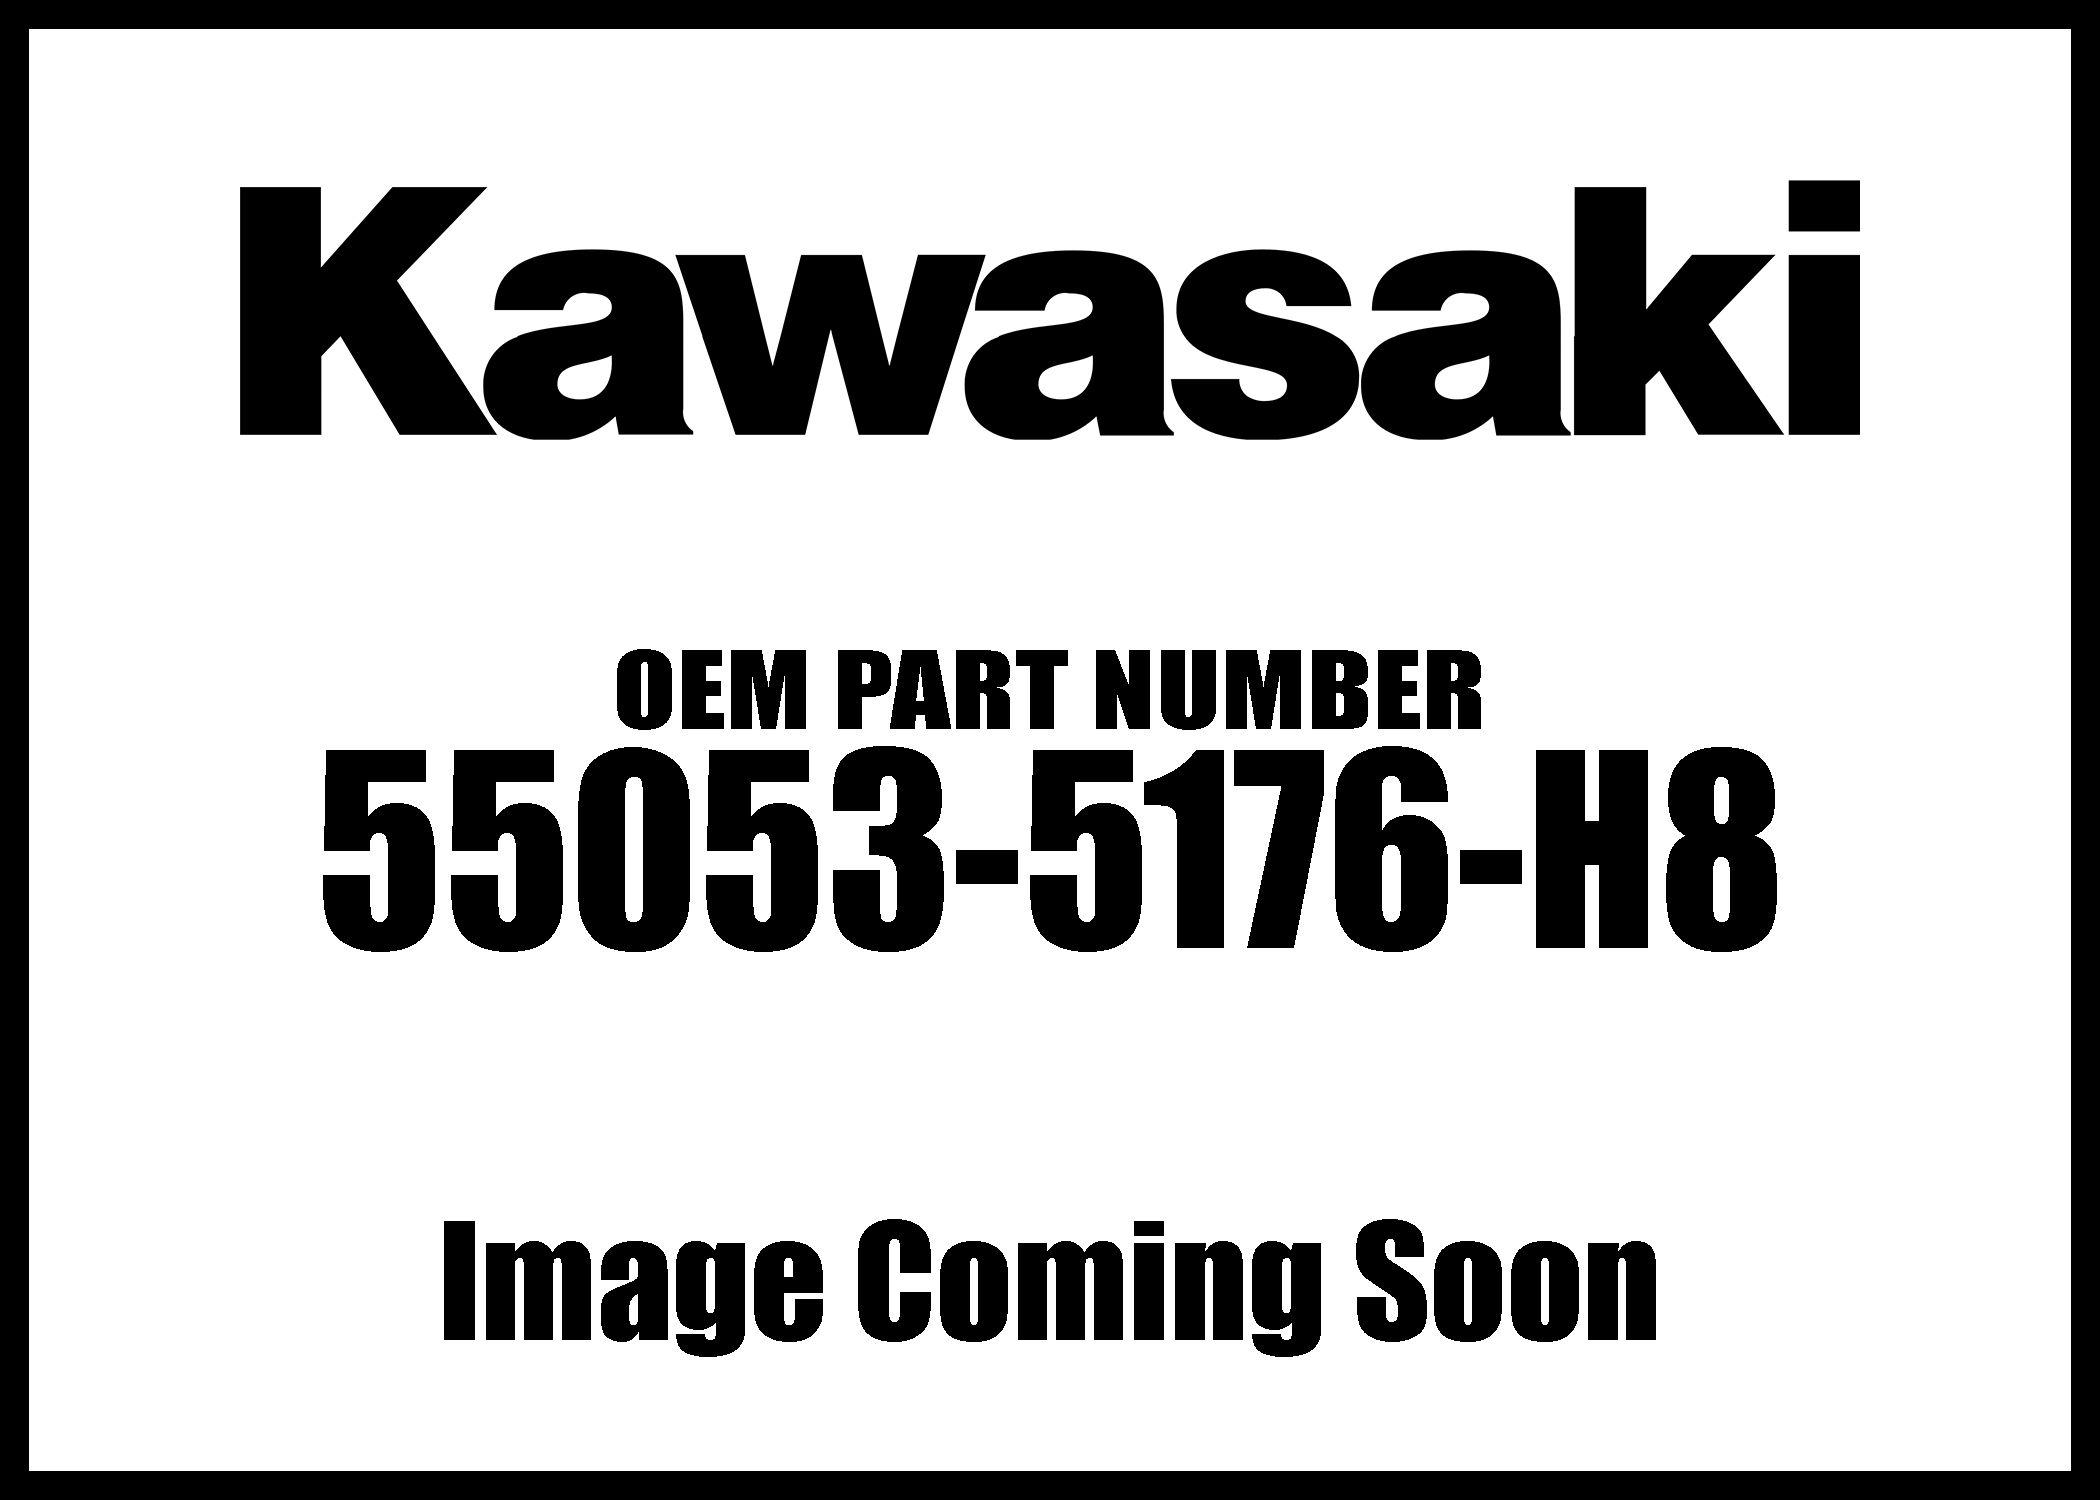 Kawasaki 2009 NINJA ZX-6R Ebony Lh Side Cowling 55053-5176